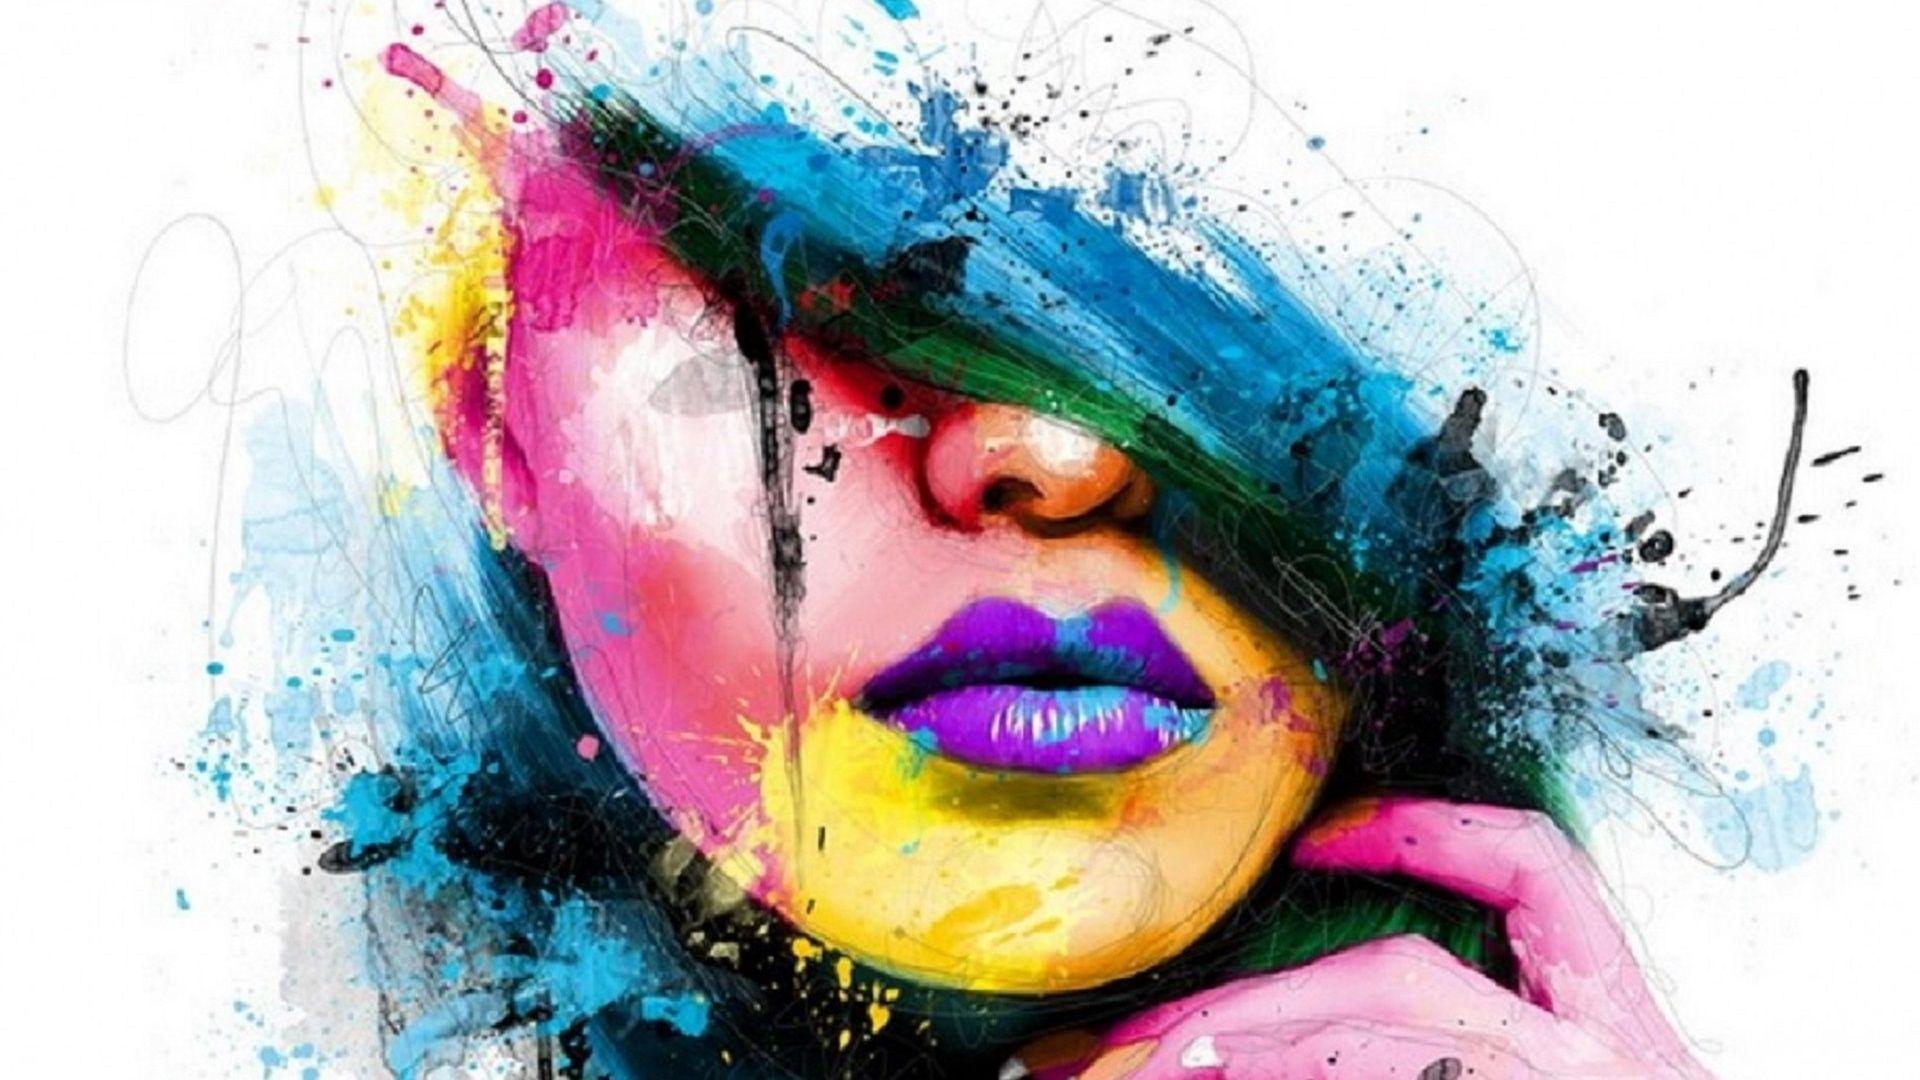 Modern Art 1080p wallpaper